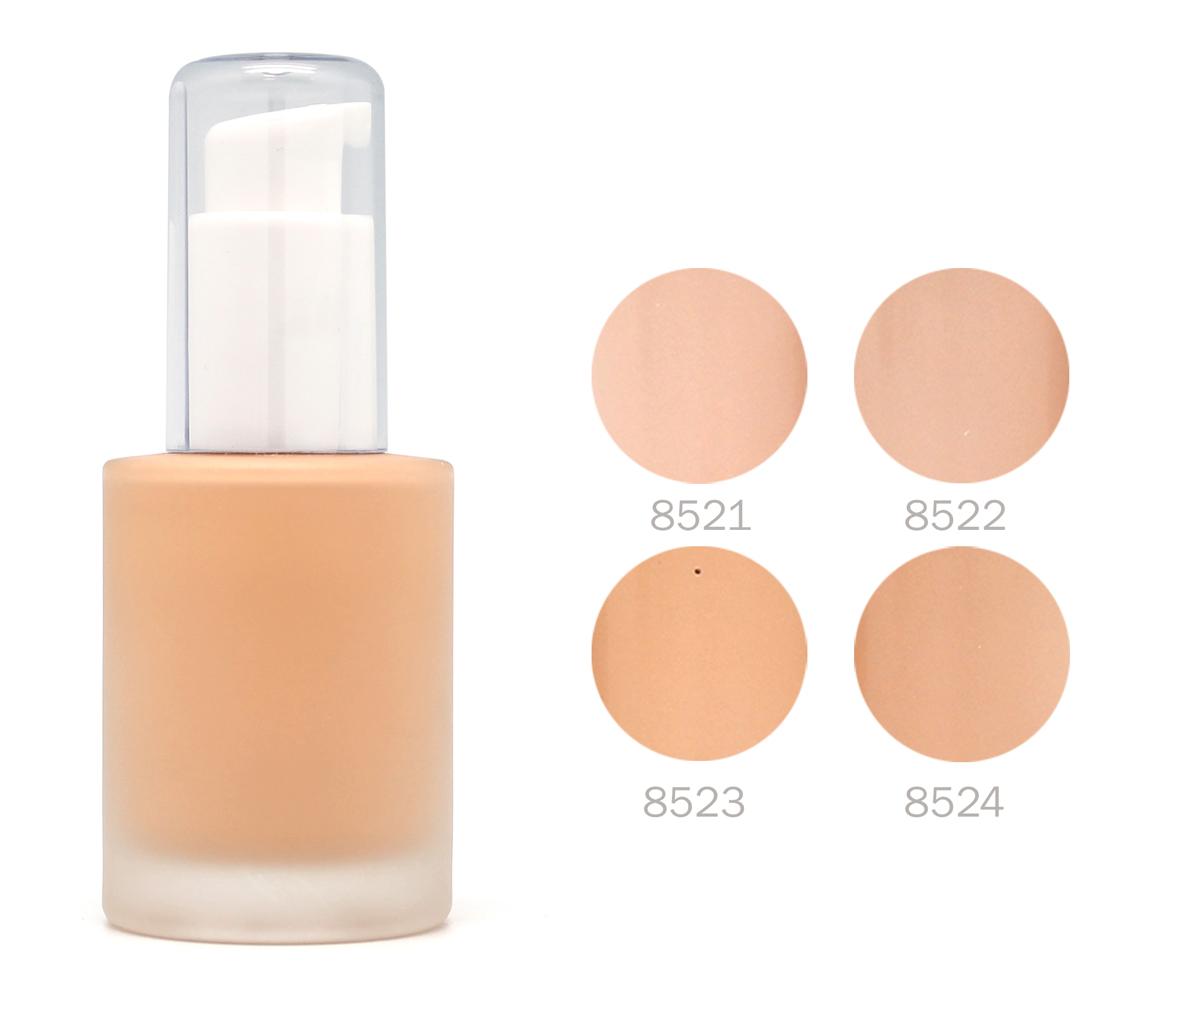 POETEQ тональное средство ОРО МАТТ, тон 22, 30 мл8522Нежная текстура мягкого и комфортного крема обладает максимальной стойкостью и ощутимым матирующим эффектом. Защитная тональная основа легко распределяется, создавая эффект идеально матовой, выровненной поверхности. Ее современная формула обладает достаточной плотностью, но при этом не мешает кожному дыханию и остается абсолютно не ощутимой. Она сокращает расширенные поры, разглаживая рельеф и выравнивая общий тон лица. Стойкое матовое покрытие не теряет своих свойств в течение 24 часов и предохраняет кожу от сухости и преждевременного старения.